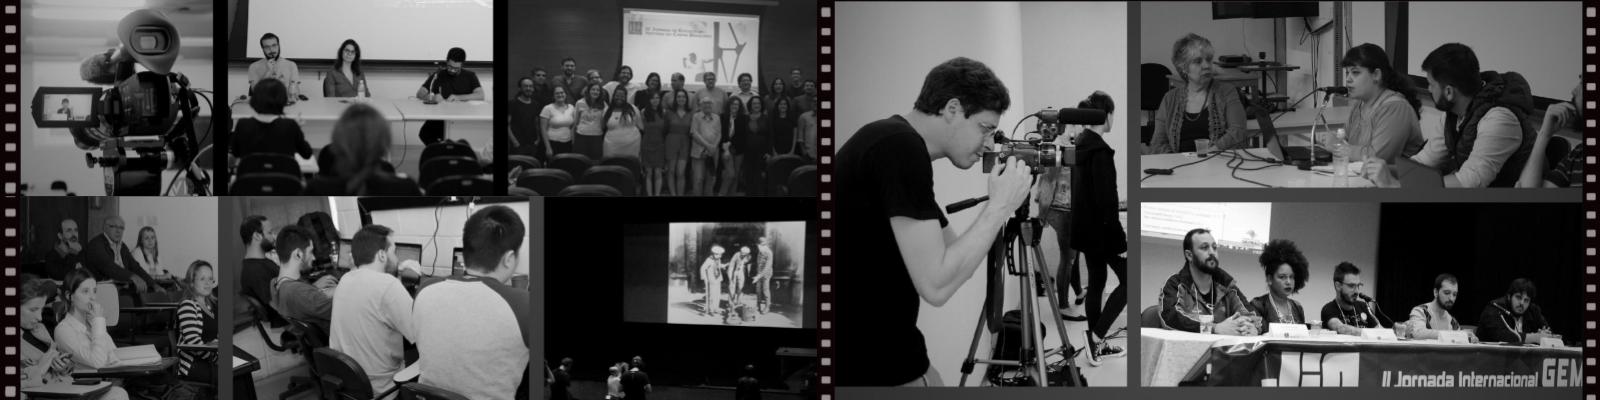 Montagem de fotos com diversas atividades desenvolvidas no Programa de Pós-Graduação em Imagem e Som como: colóquios, palestras, produção e edição de vídeos, dentro outros.